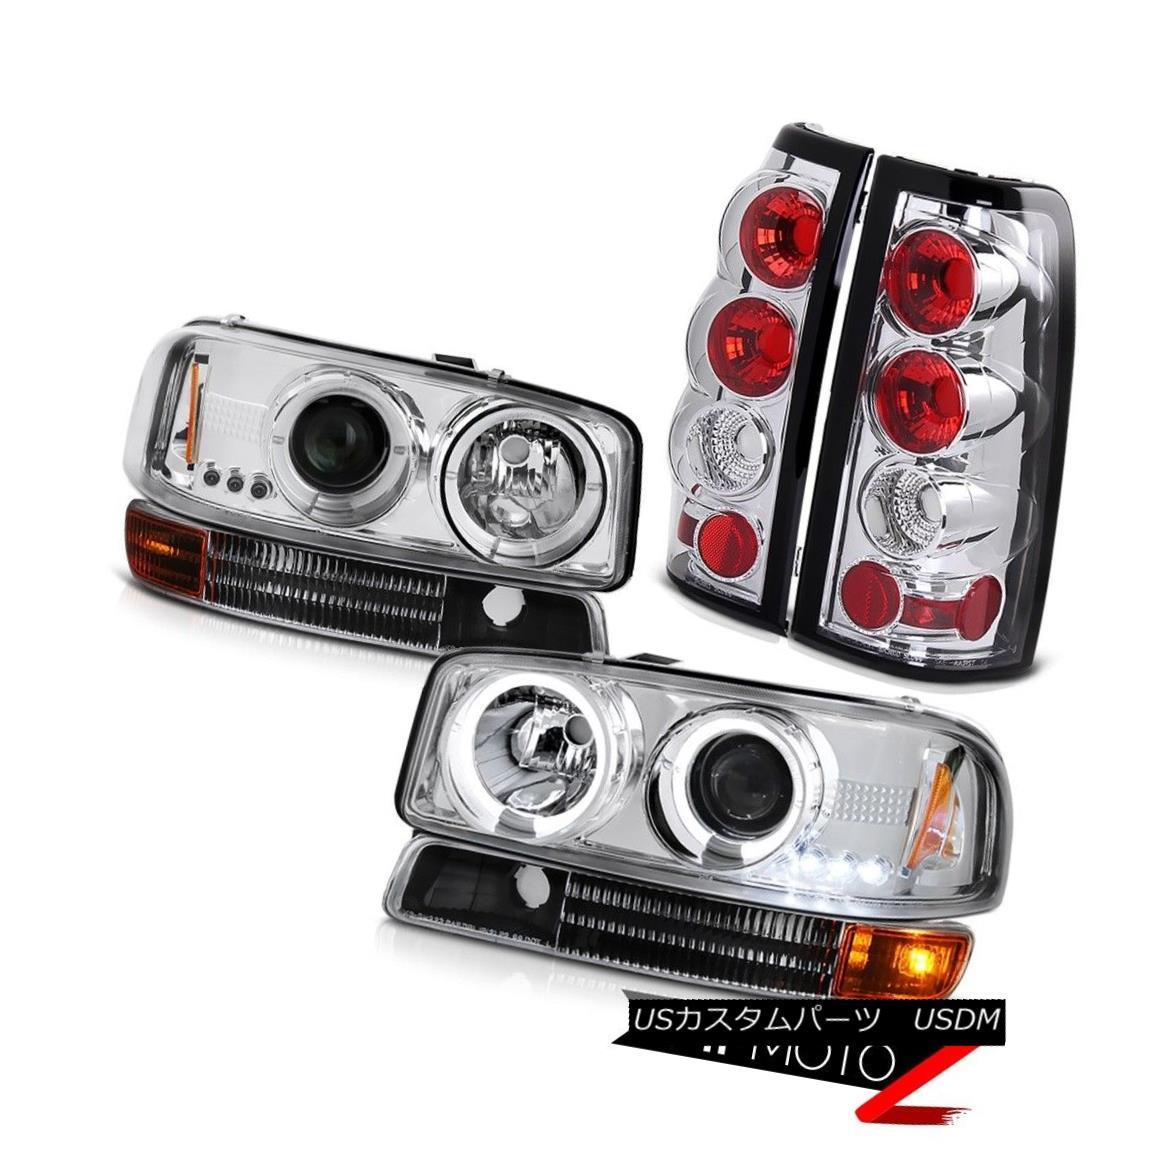 ヘッドライト 99-03 Sierra 5.3L V8 LED Angel Eye Headlights Black Signal Chrome Rear Tail Lamp 99-03 Sierra 5.3L V8 LEDエンジェルアイヘッドライトブラックシグナルクロームリアテールランプ